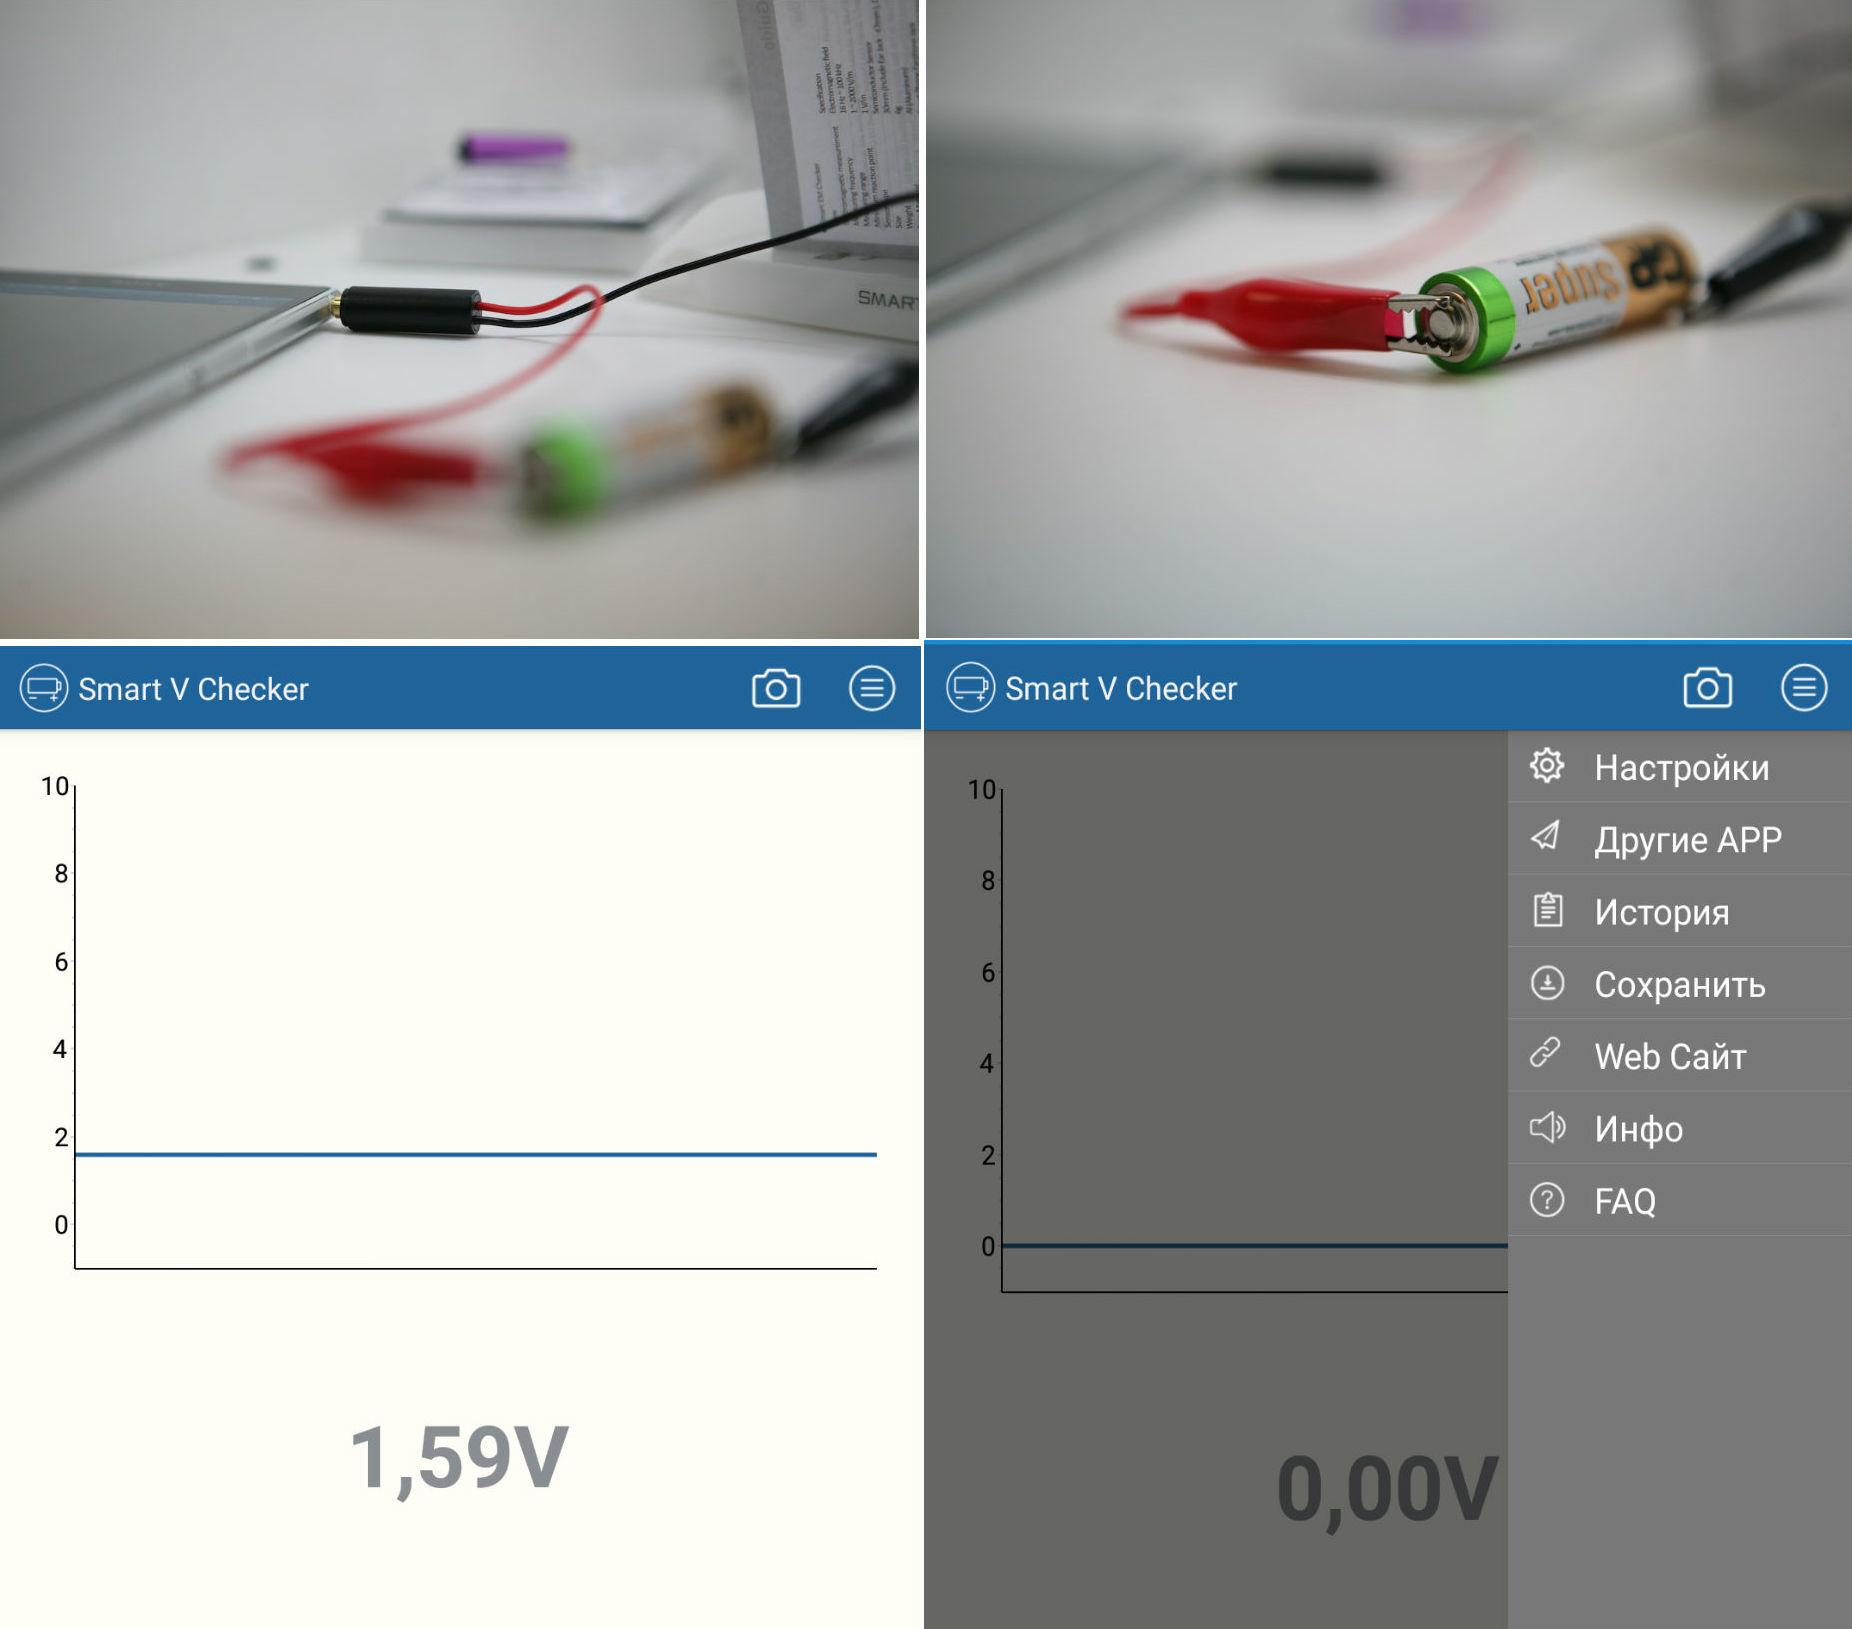 Smart Geiger — миниатюрный «датчик Гейгера» в смартфоне: коллекция насадок от FT Lab - 9